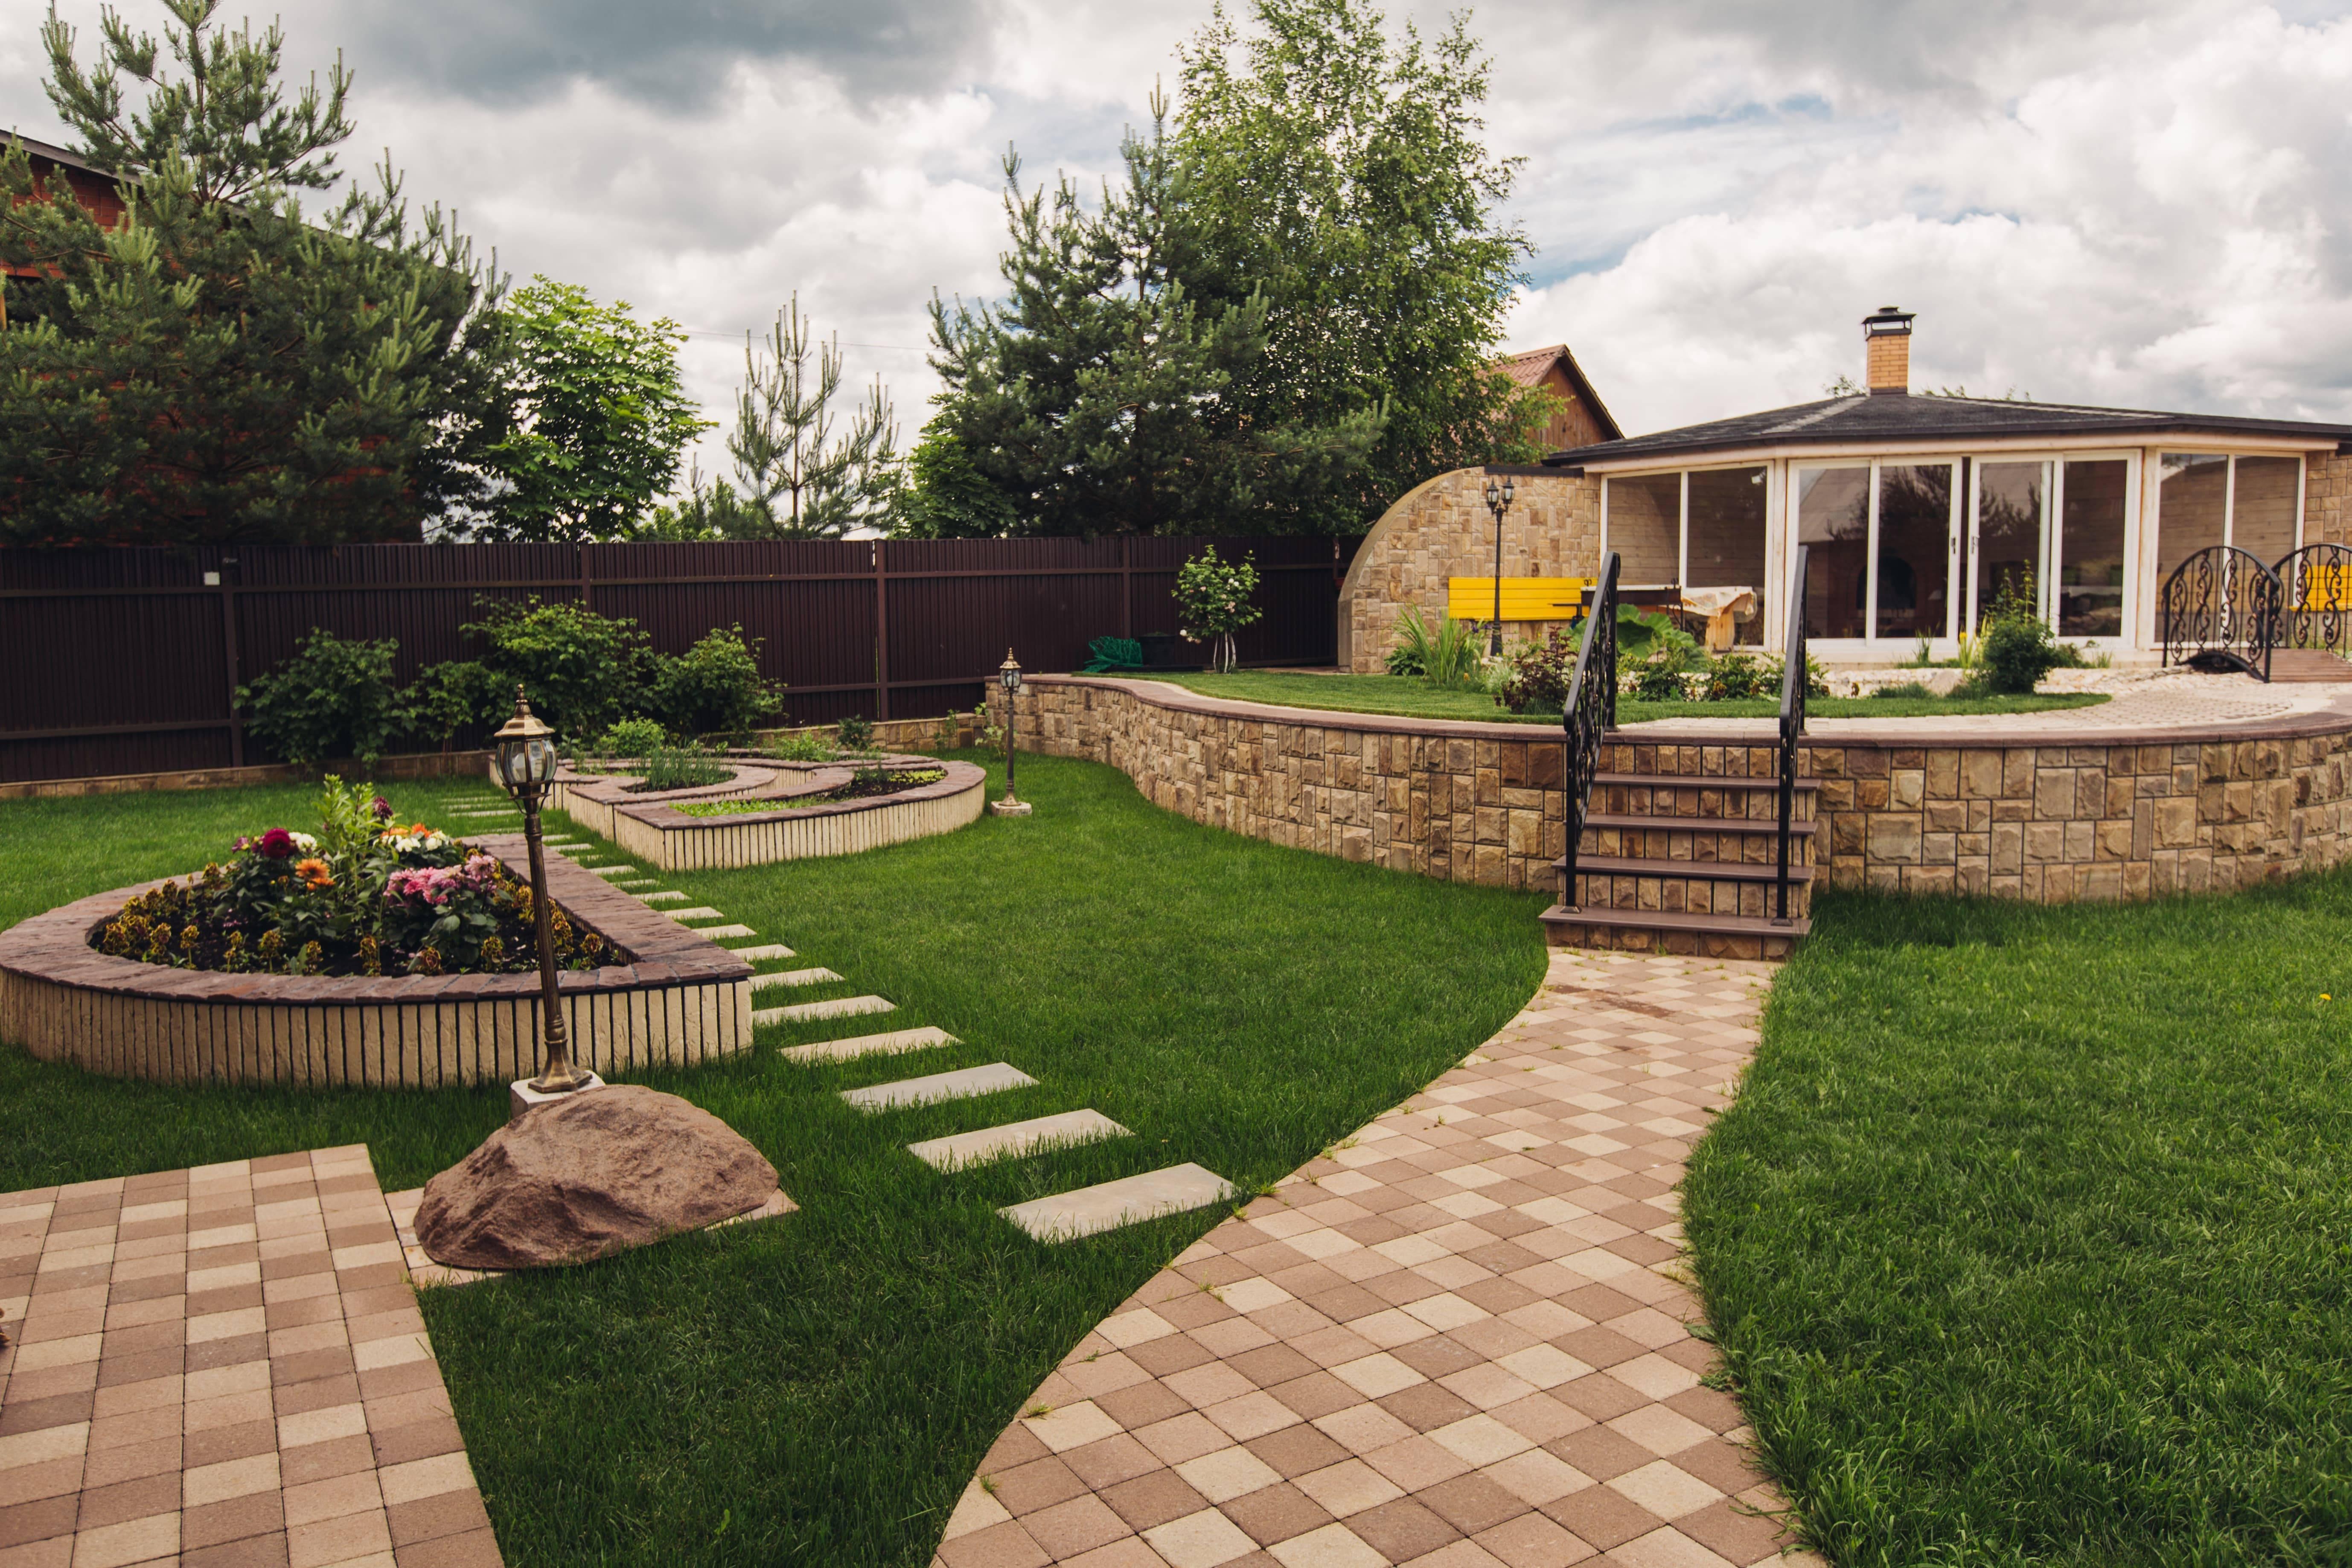 Ландшафтный дизайн деревенского дома (45 фото): красивые сельские дворы и участки